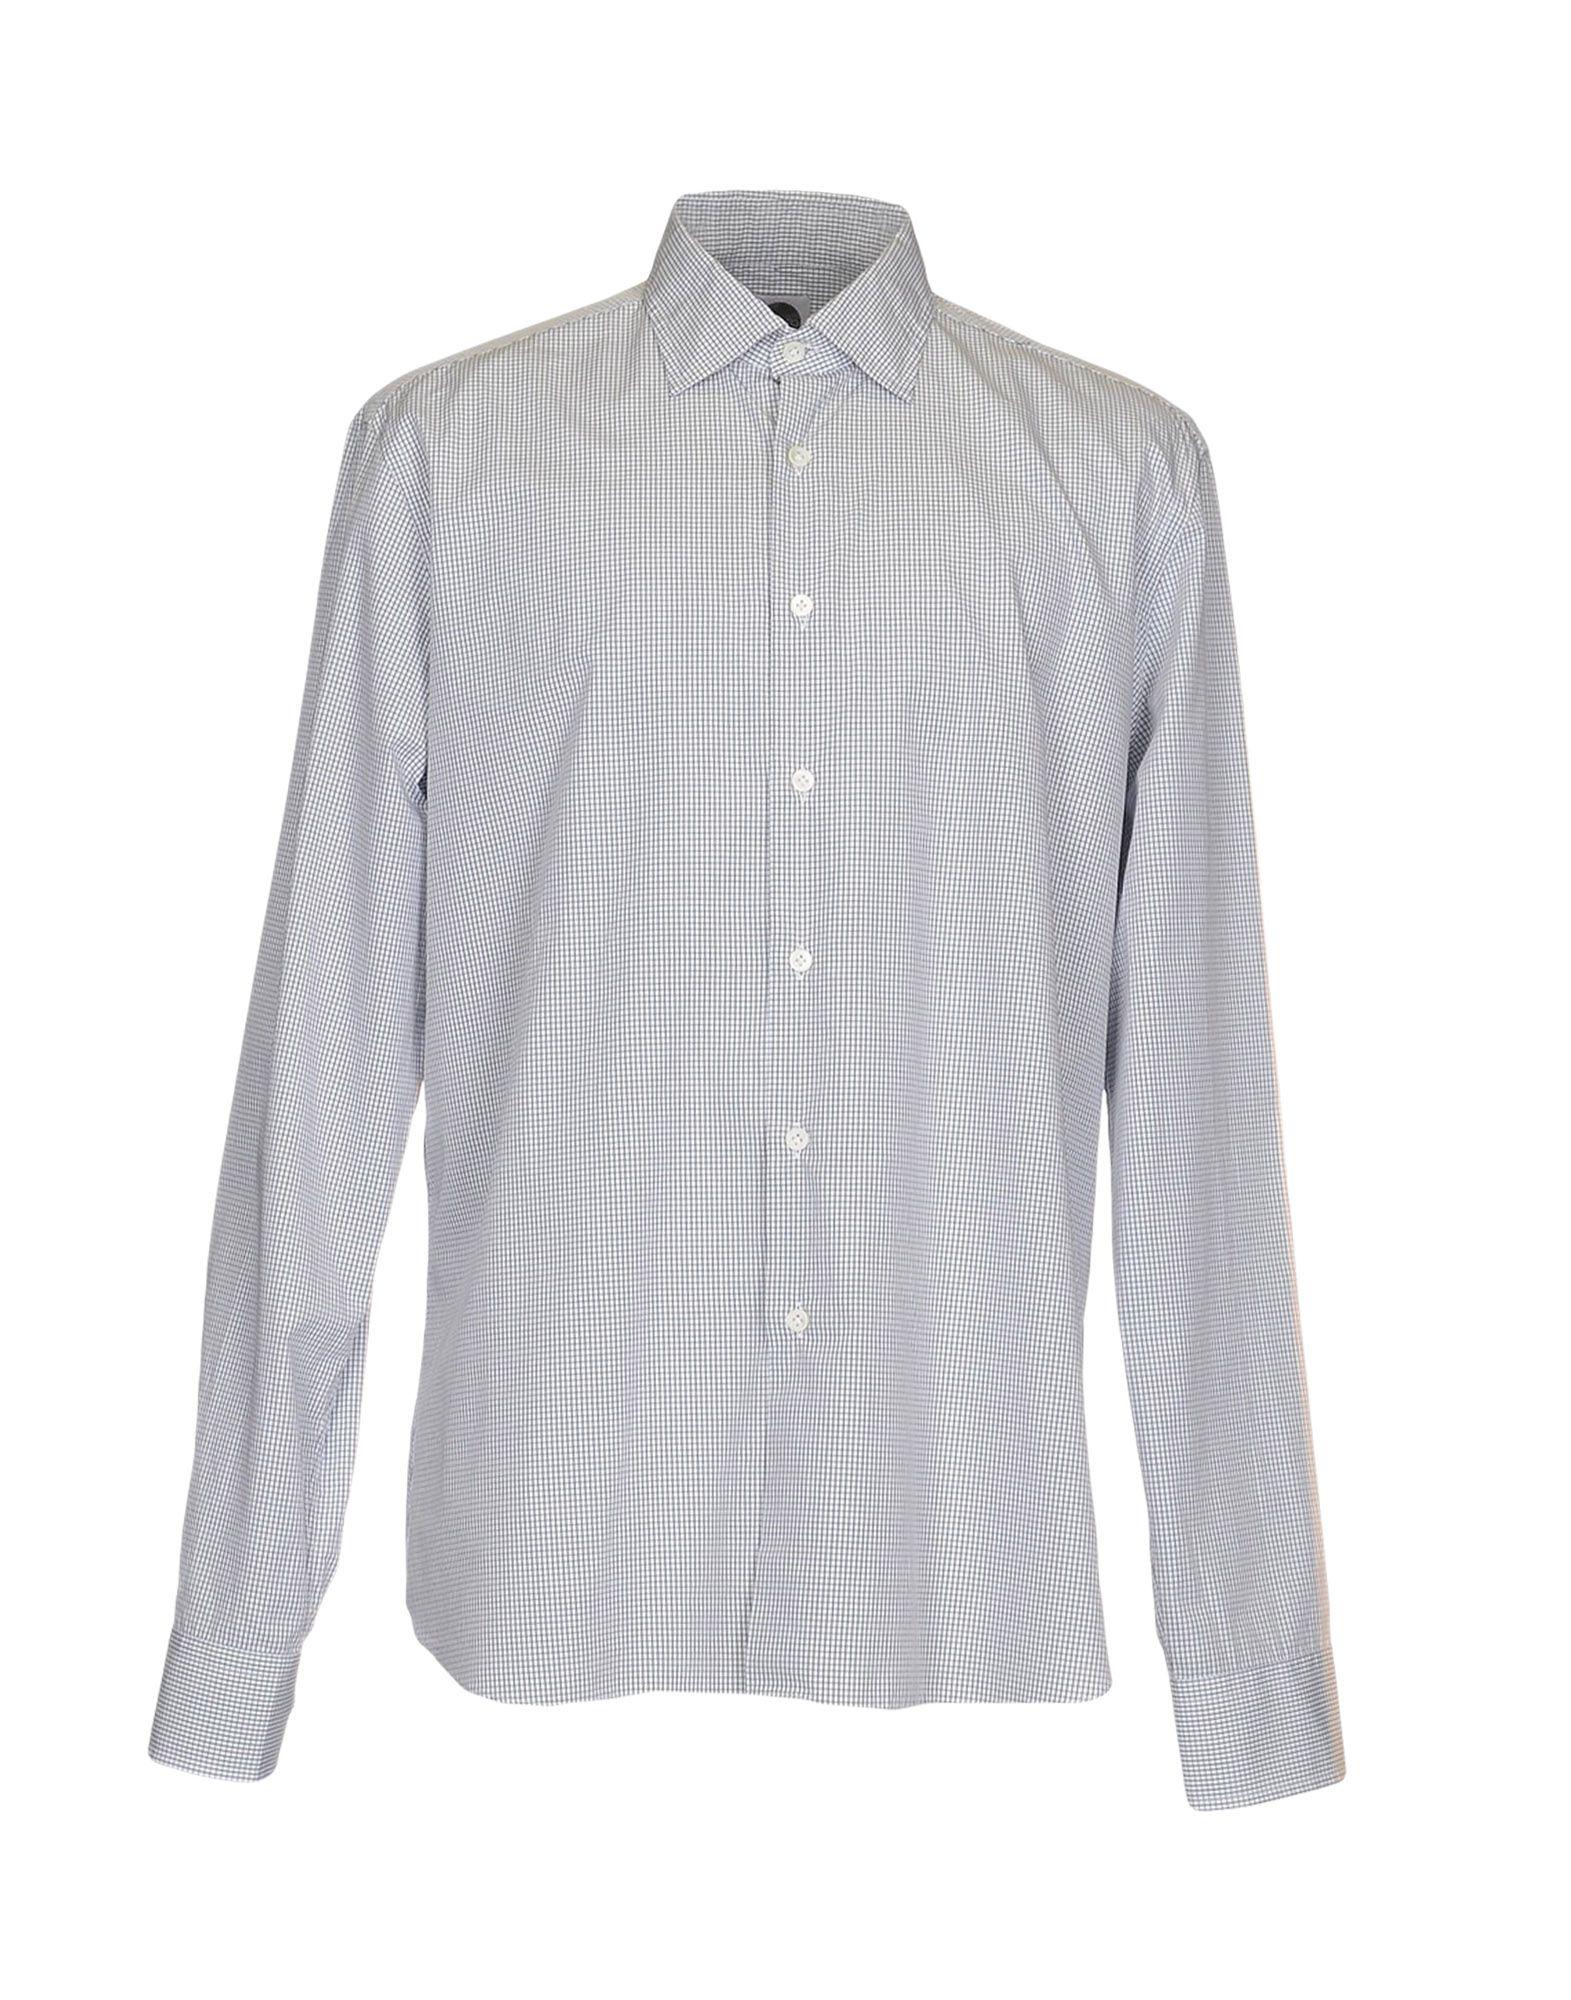 《送料無料》BAGUTTA メンズ シャツ グレー 38 コットン 100%